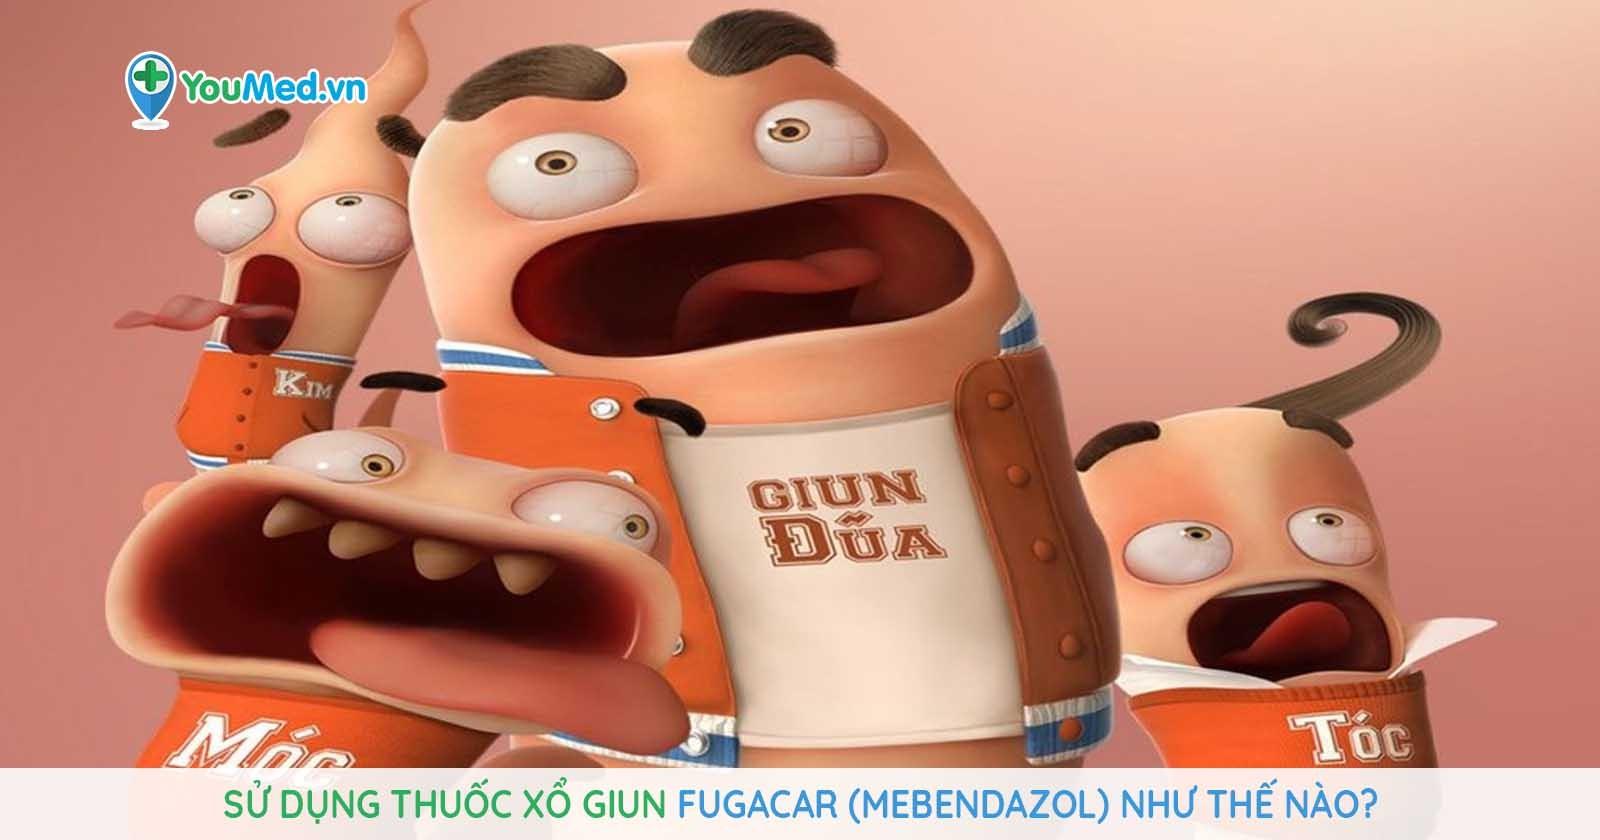 Sử dụng thuốc xổ giun Fugacar (mebendazol) như thế nào?